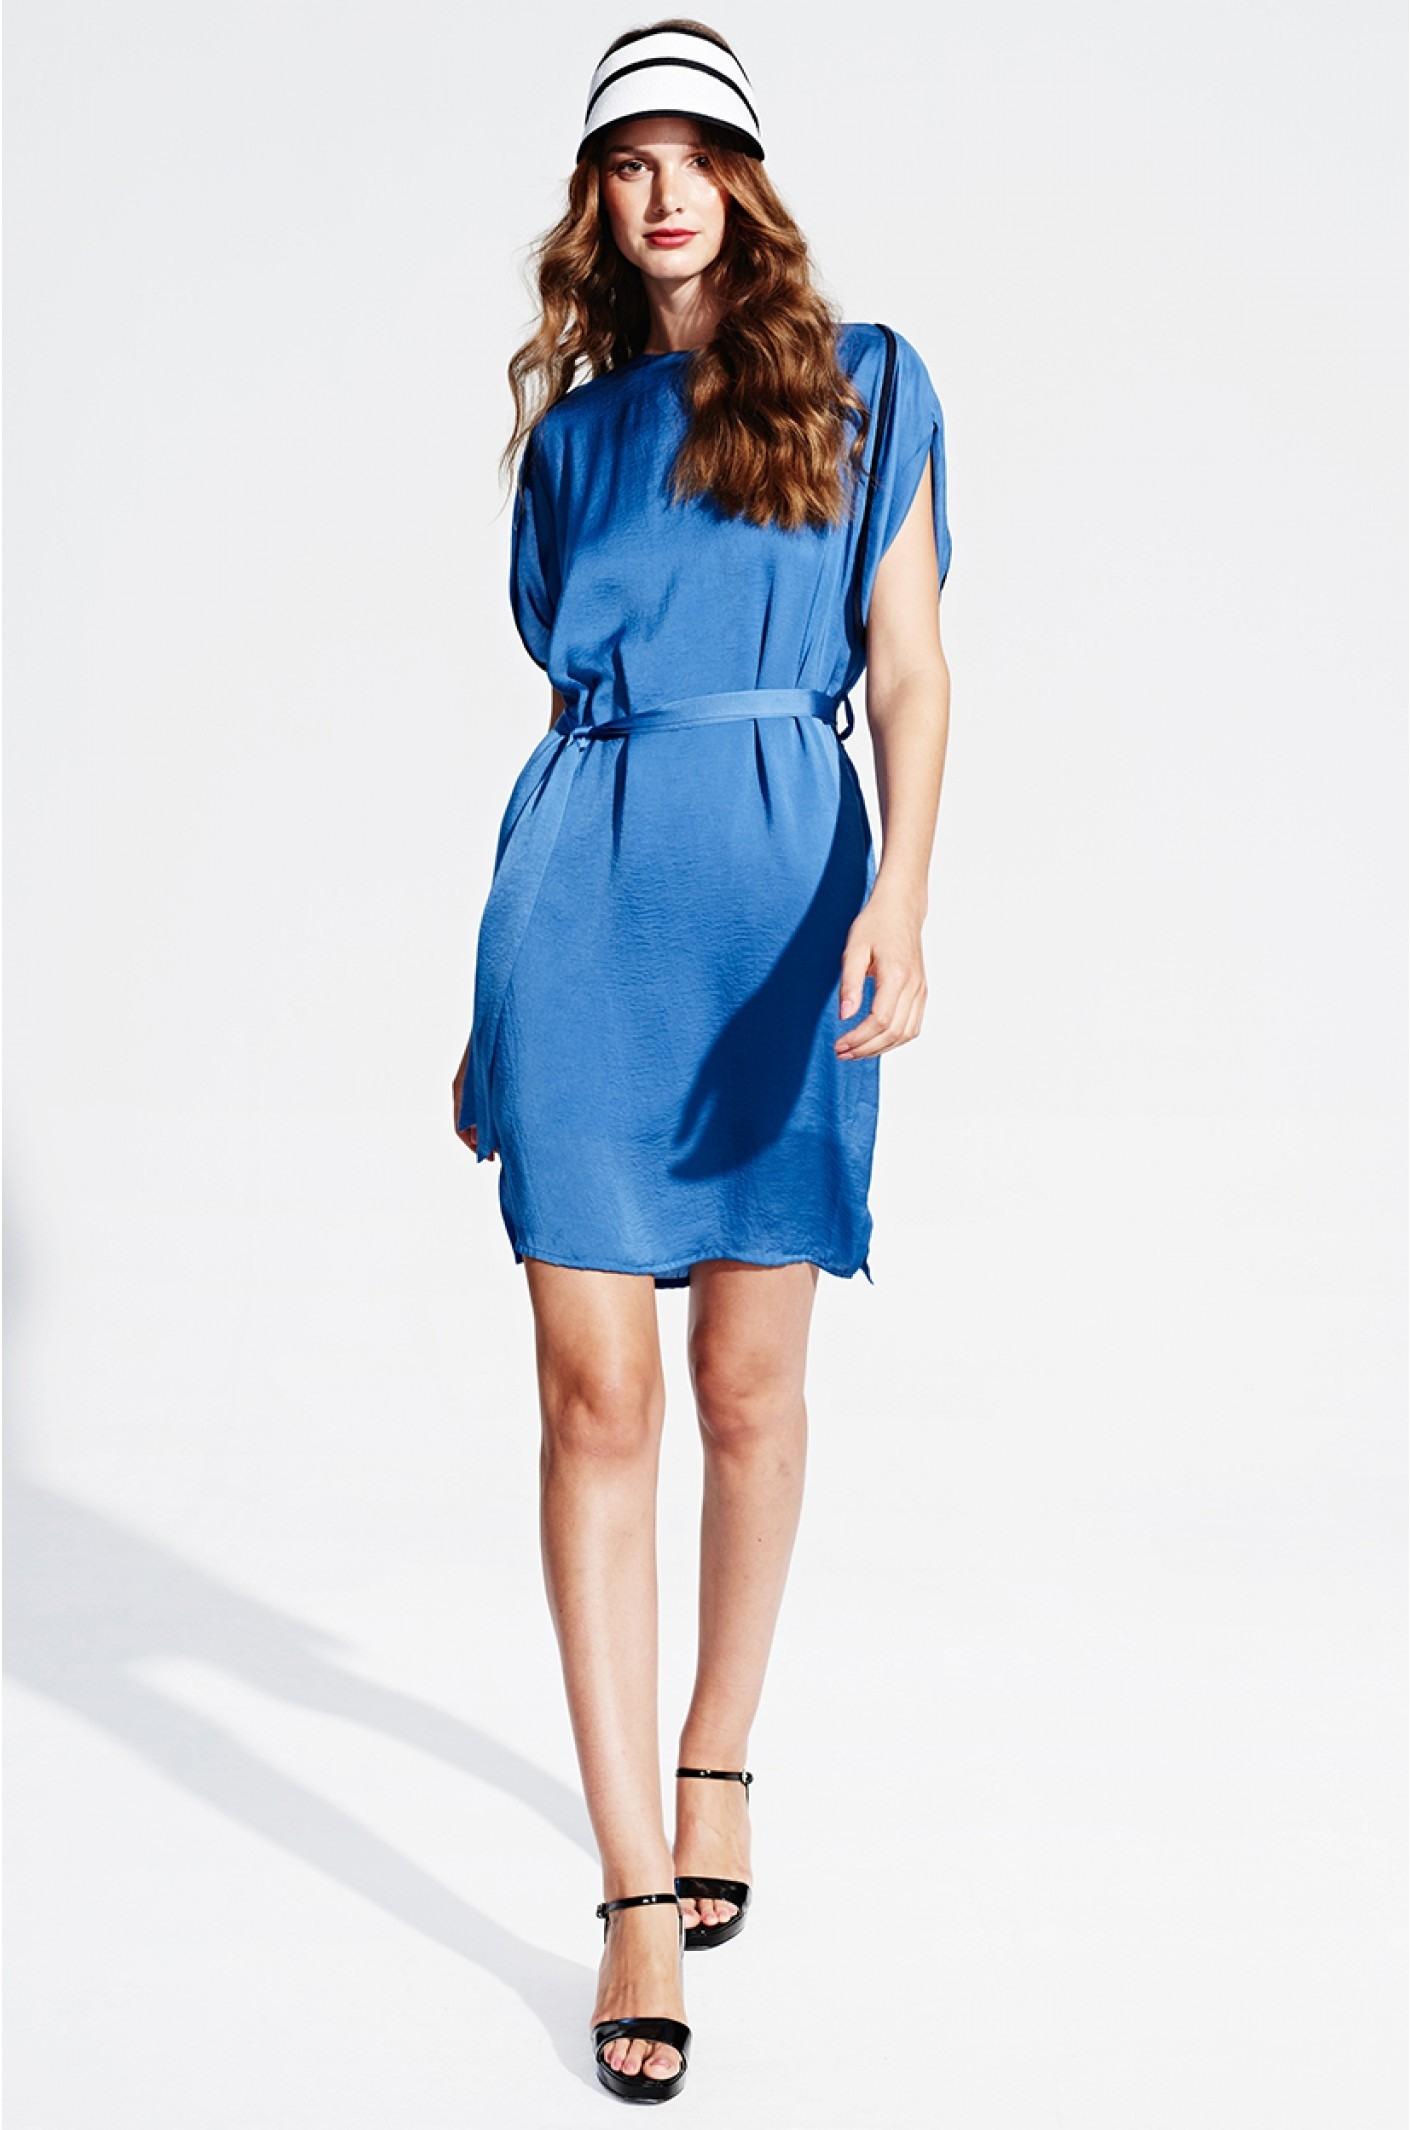 Designer Leicht Blaue Kleider Knielang Ärmel10 Cool Blaue Kleider Knielang für 2019